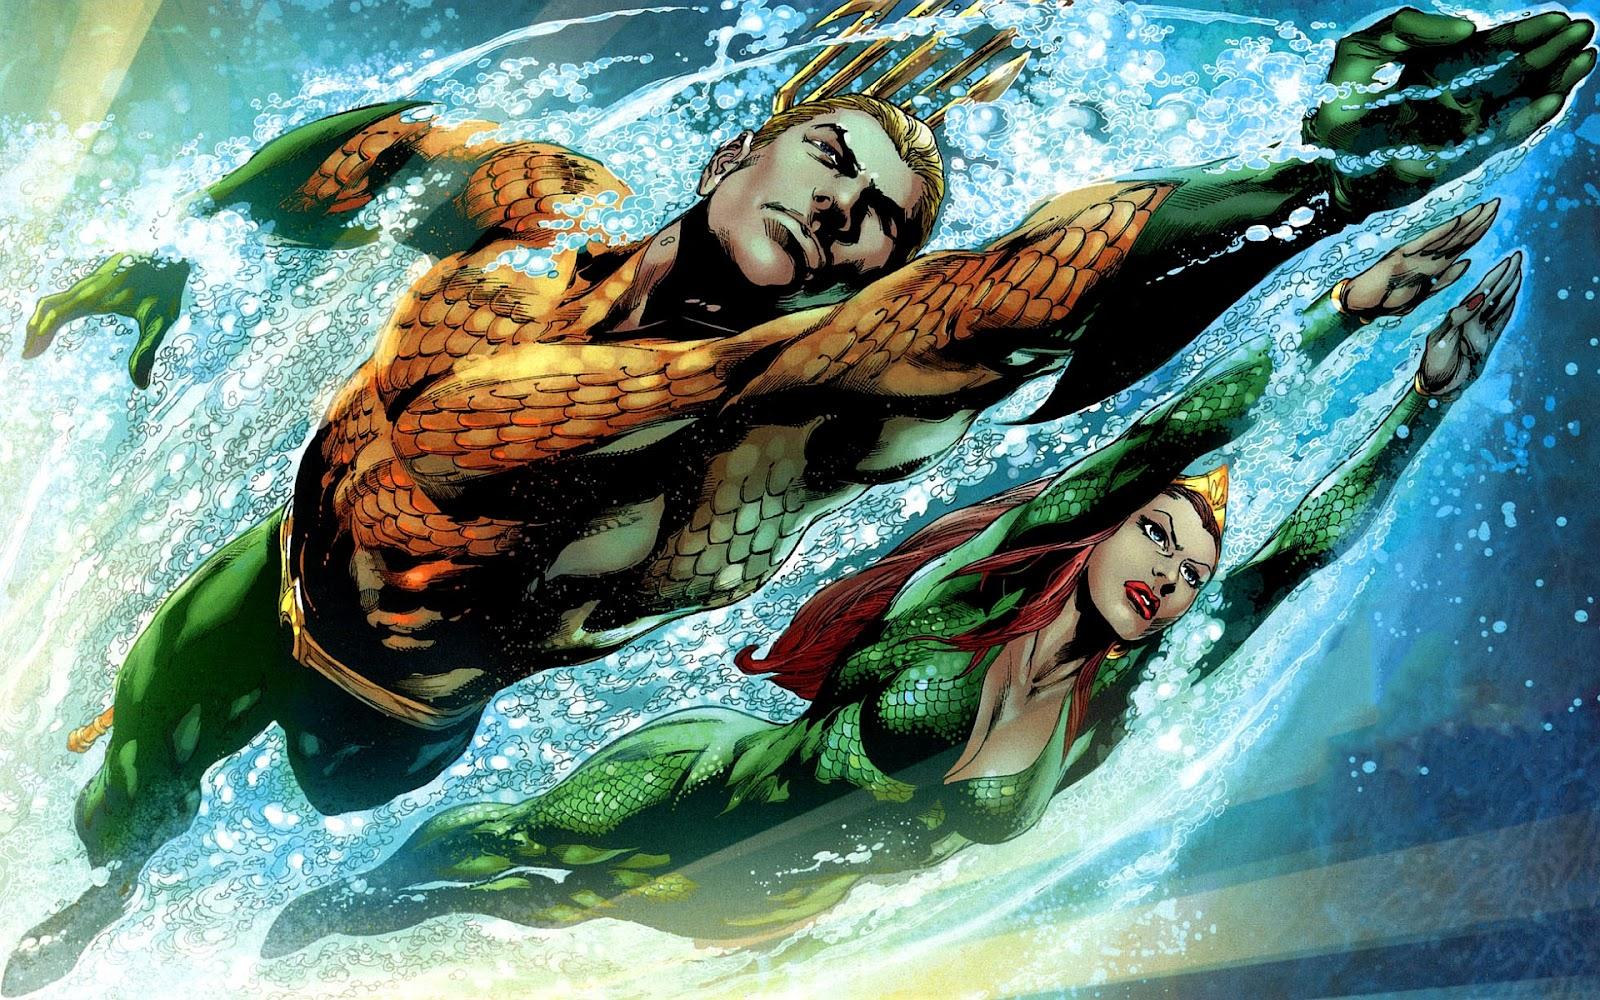 http://3.bp.blogspot.com/-suQV_QkUIrQ/UHbqgD0M__I/AAAAAAAAC74/Moj9vSJXLSQ/s1600/Aquaman.jpg